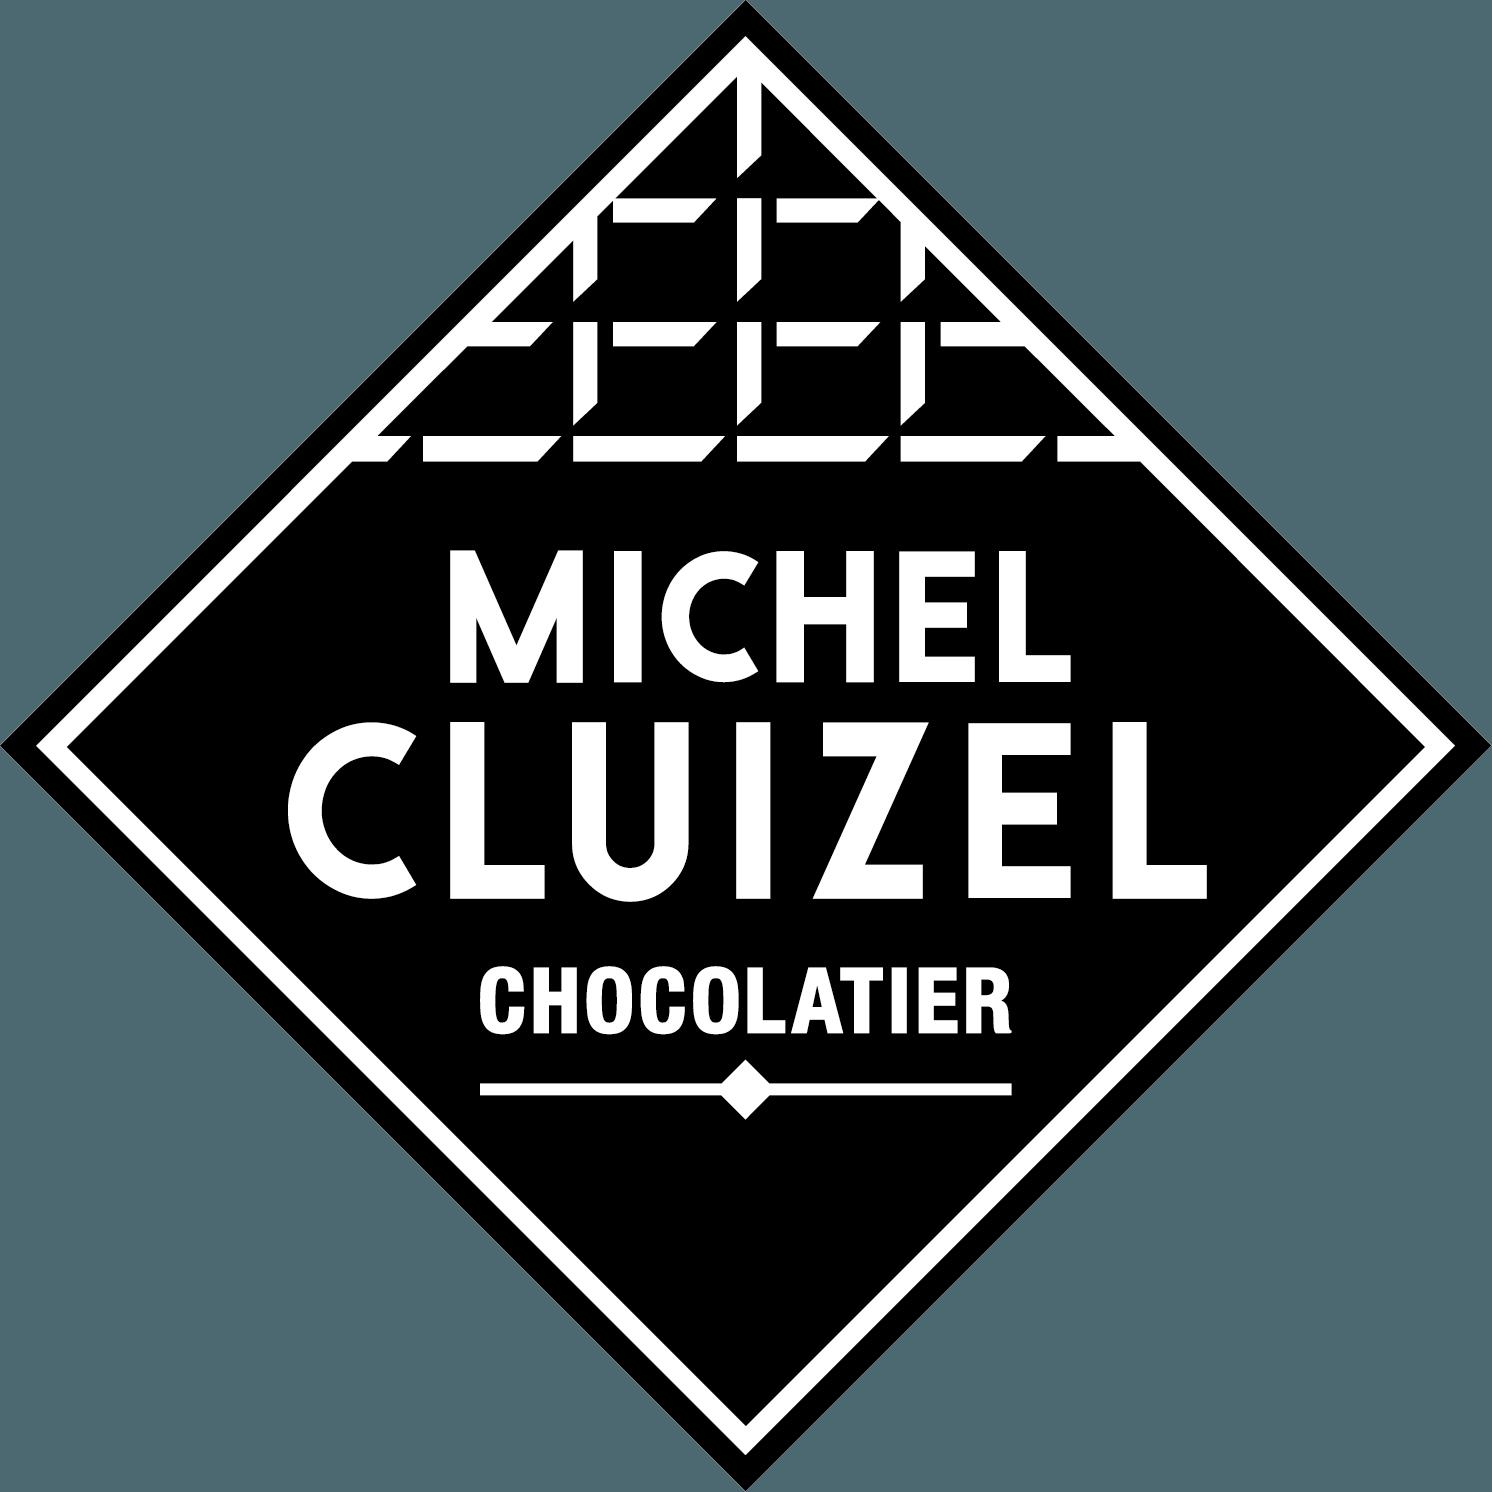 logo michel cluizel chocolatier